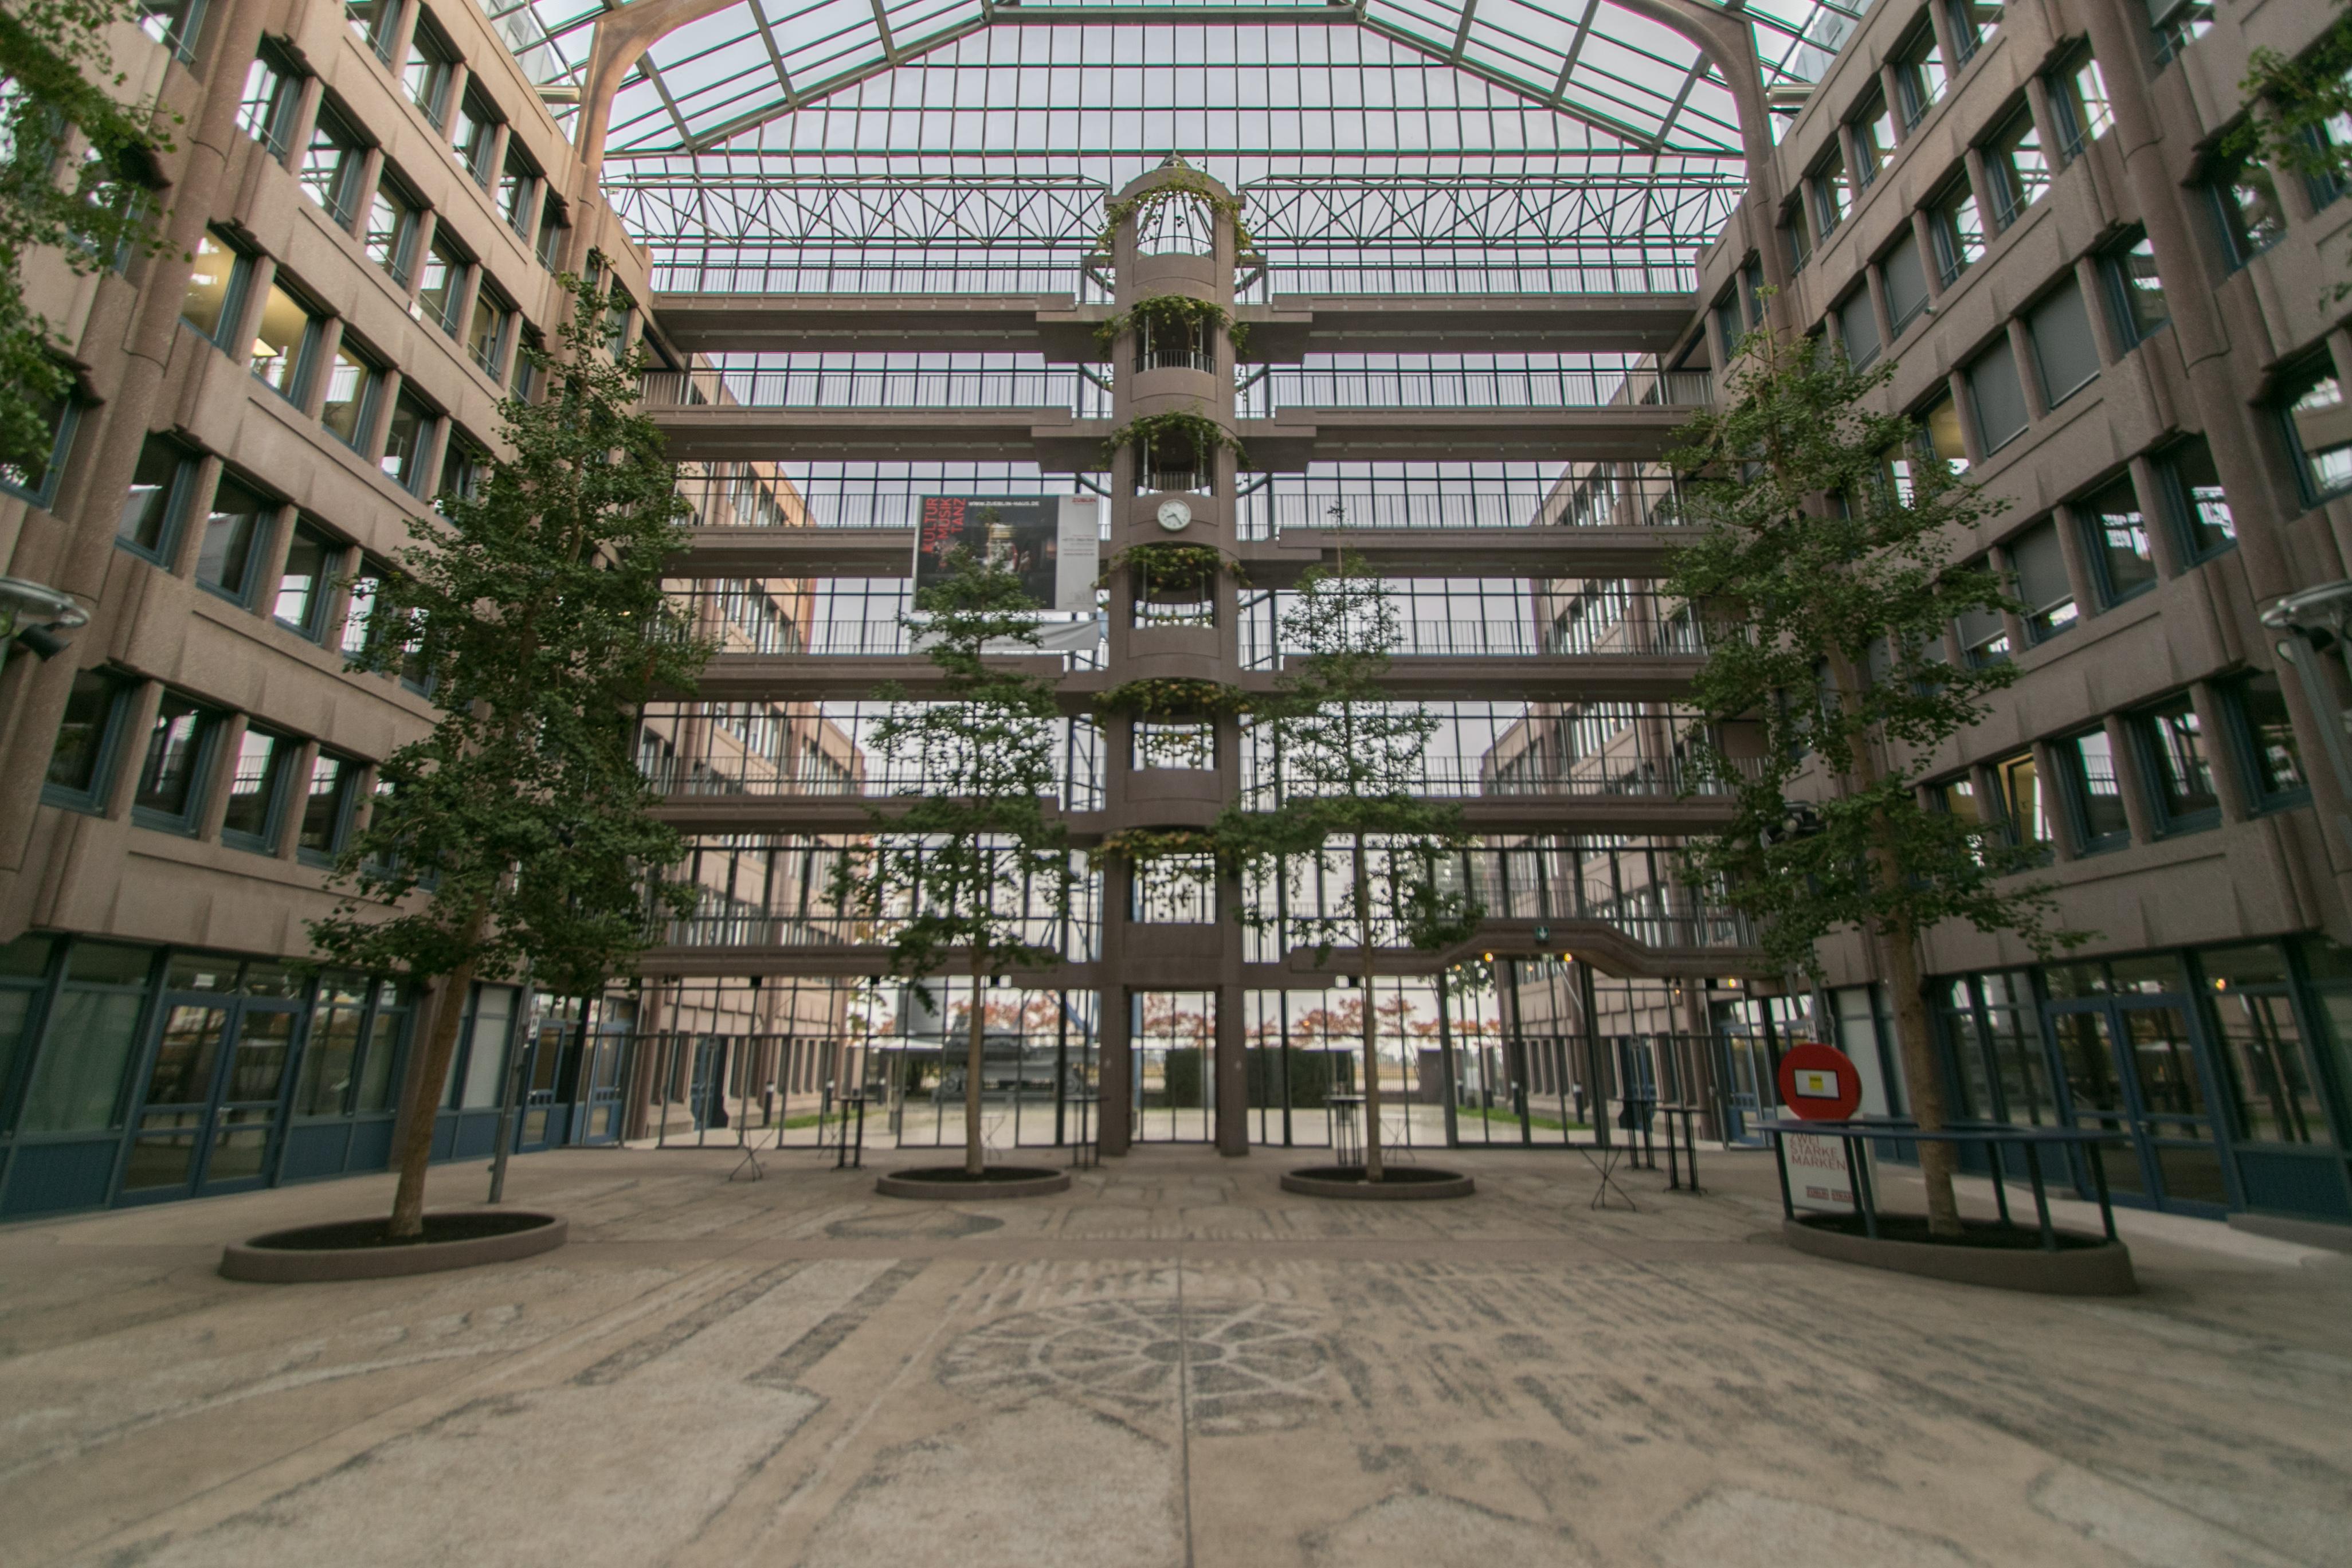 File:Züblin-Haus, Stuttgart 002.jpg - Wikimedia Commons